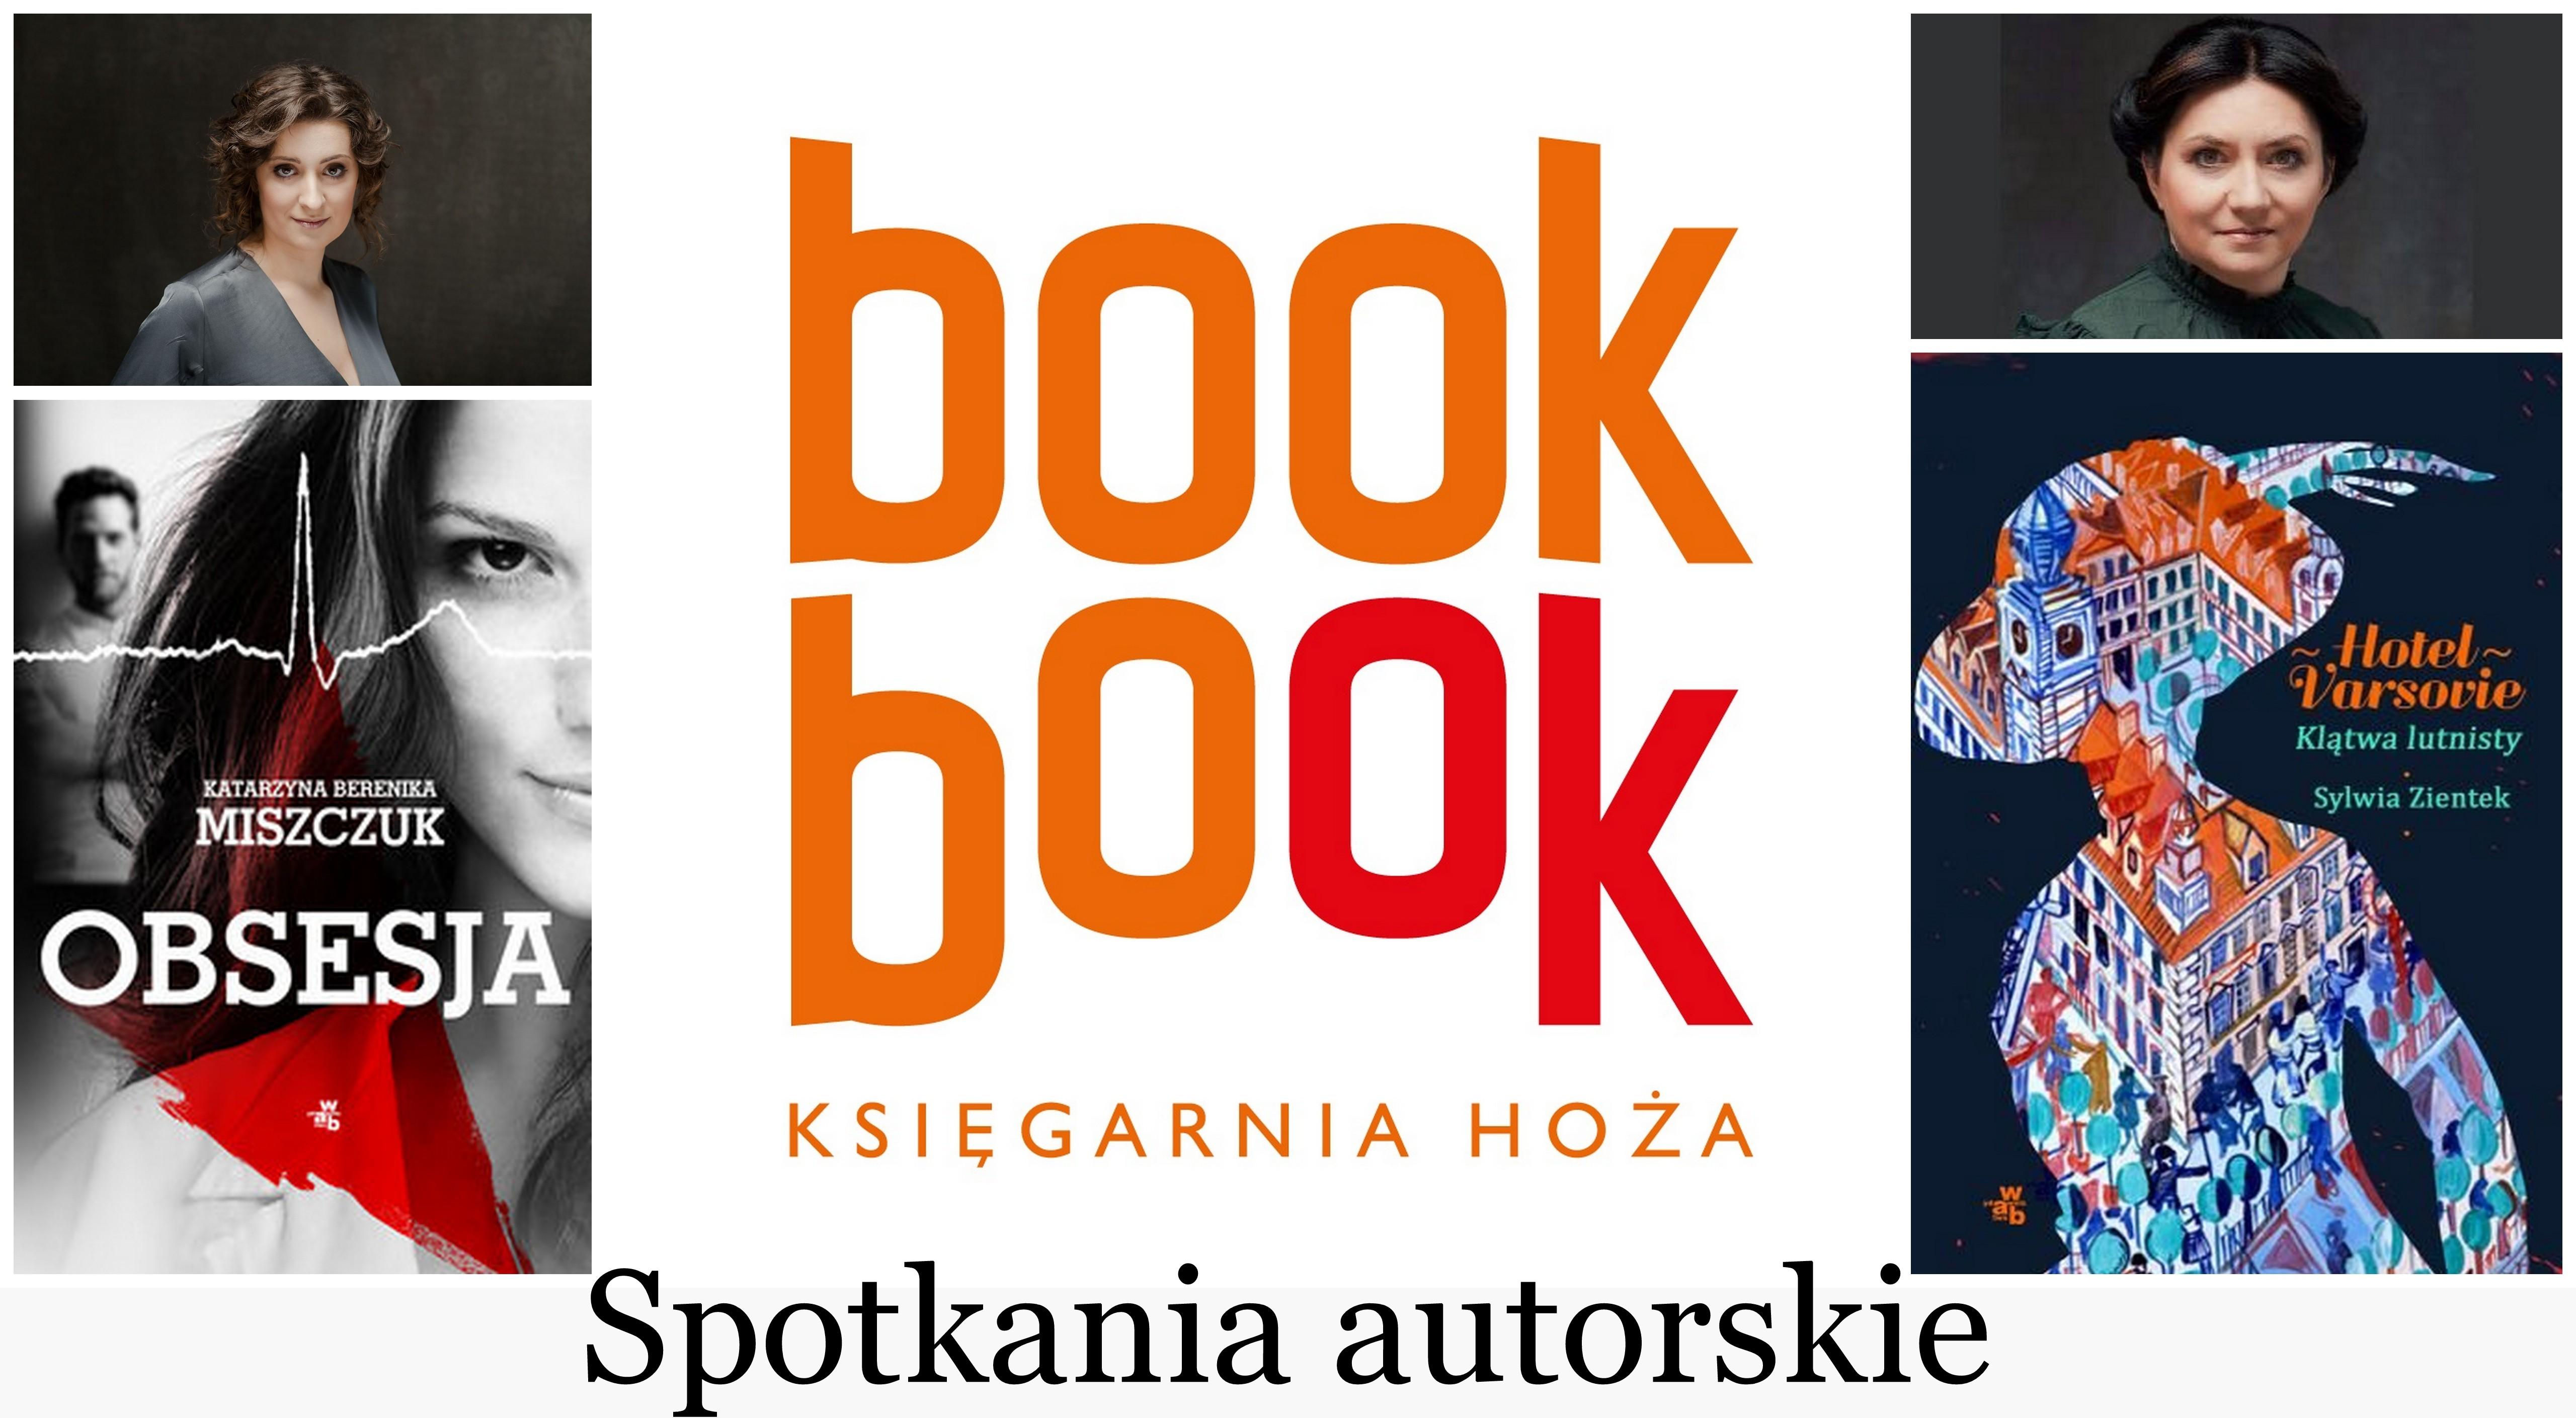 spotkania-z-pisarkami-sylwia-zientek-i-katarzyna-berenika-miszczuk